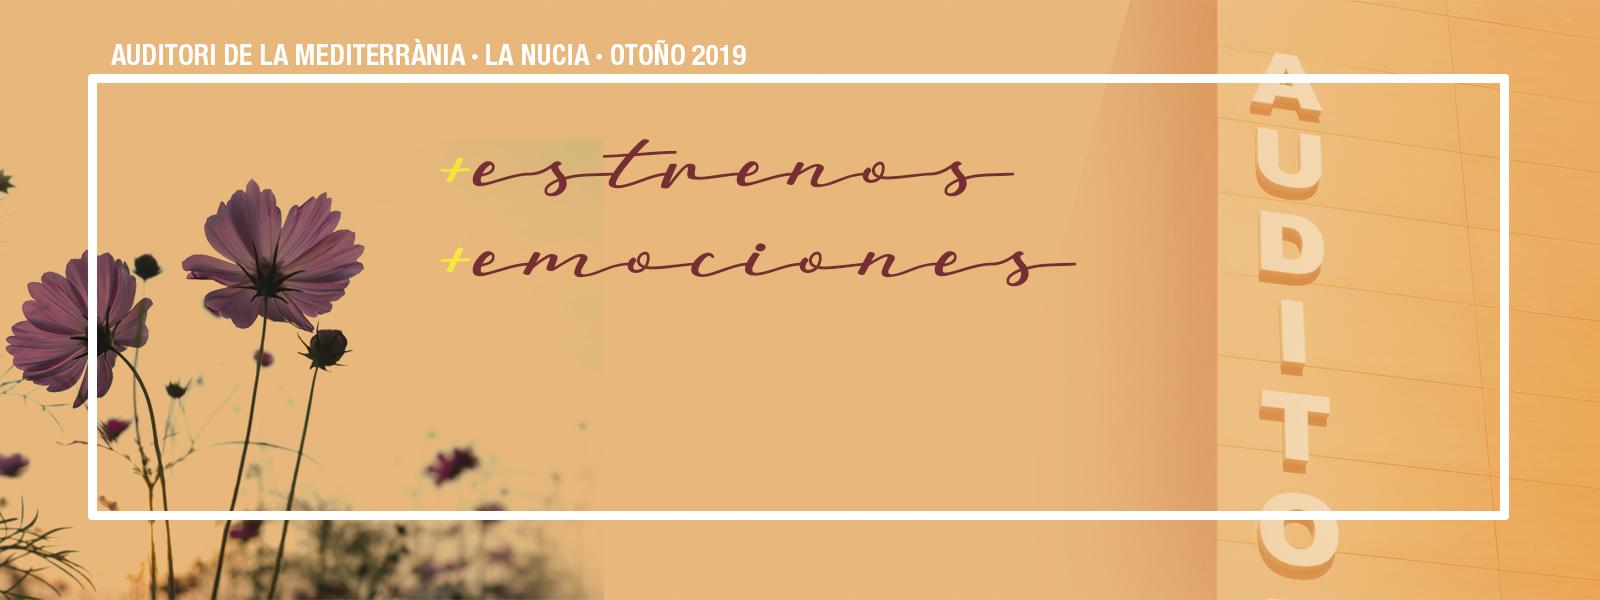 +Estrenos: Otoño 2019